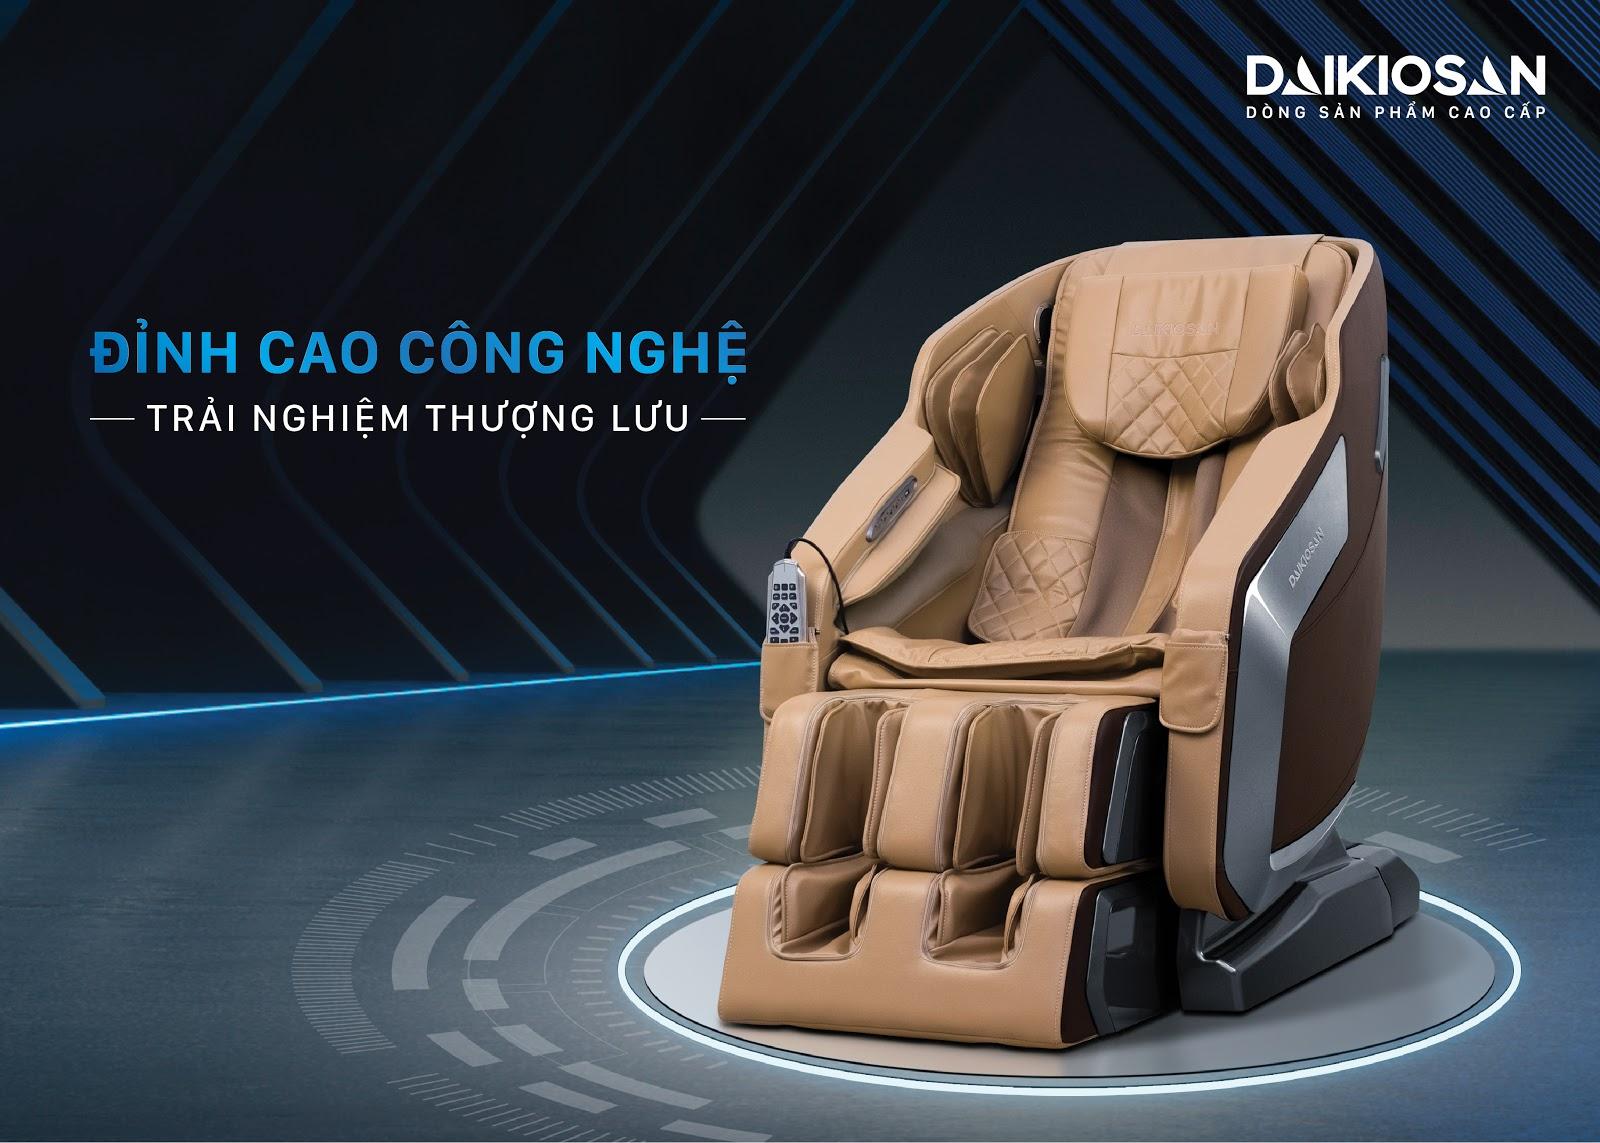 Đại Việt ra mắt sản phẩm đi kèm với giảm giá 40% và combo quà tặng hấp dẫn.